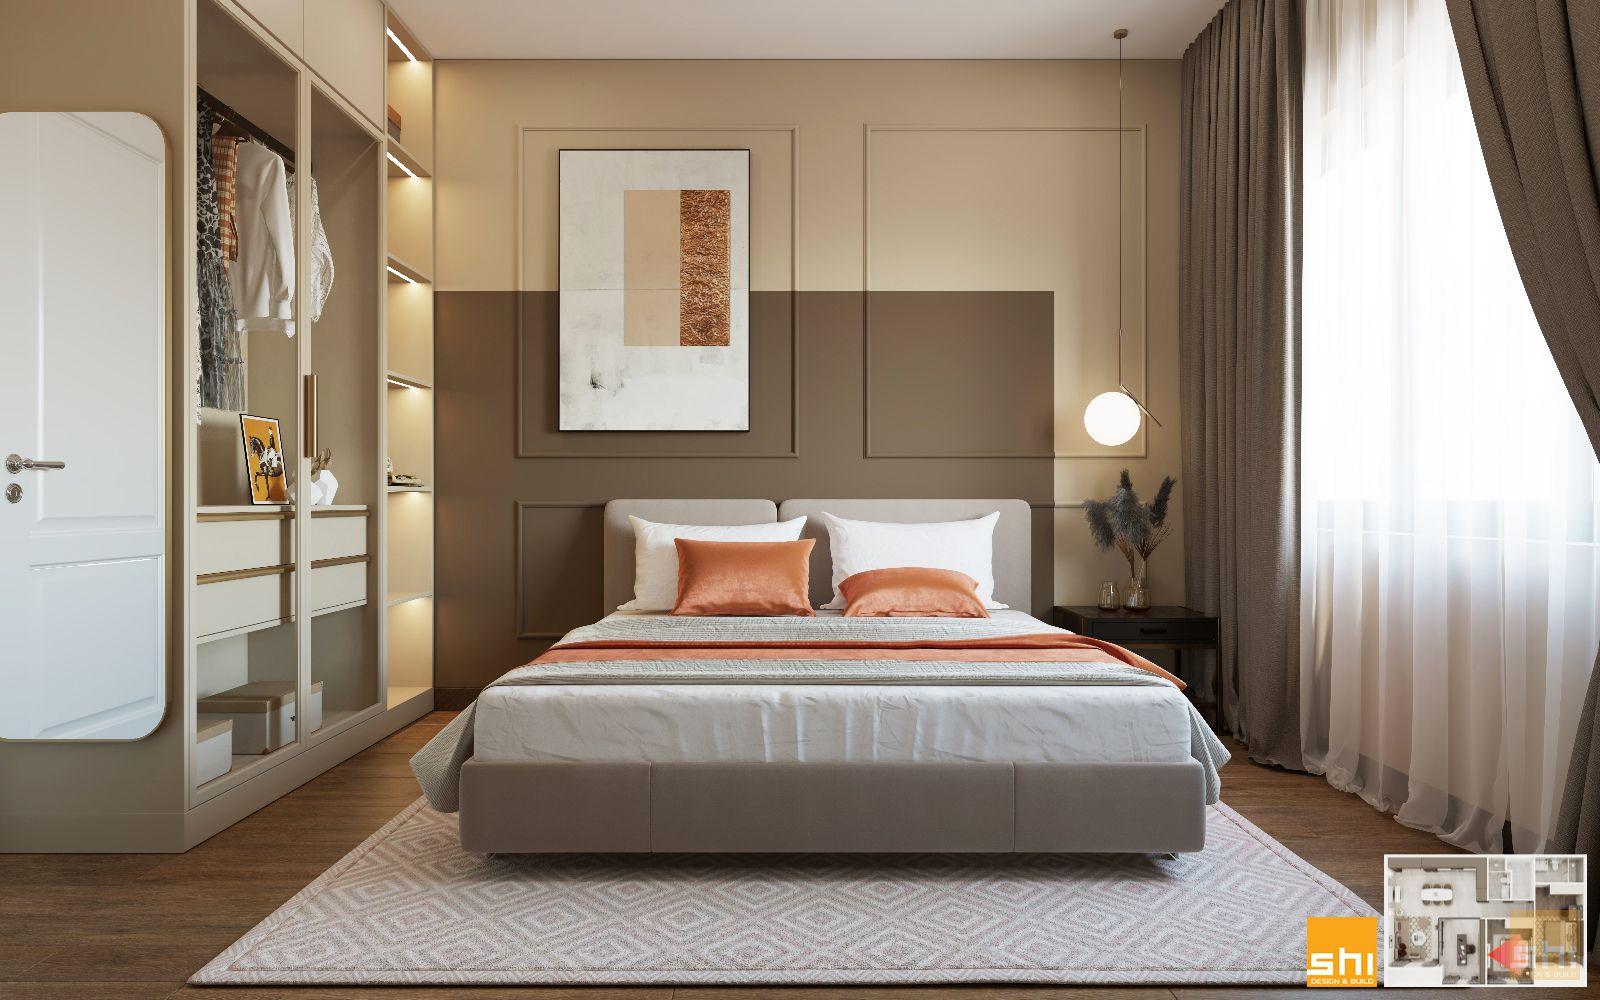 thiết kế nội thất 3 phòng ngủ